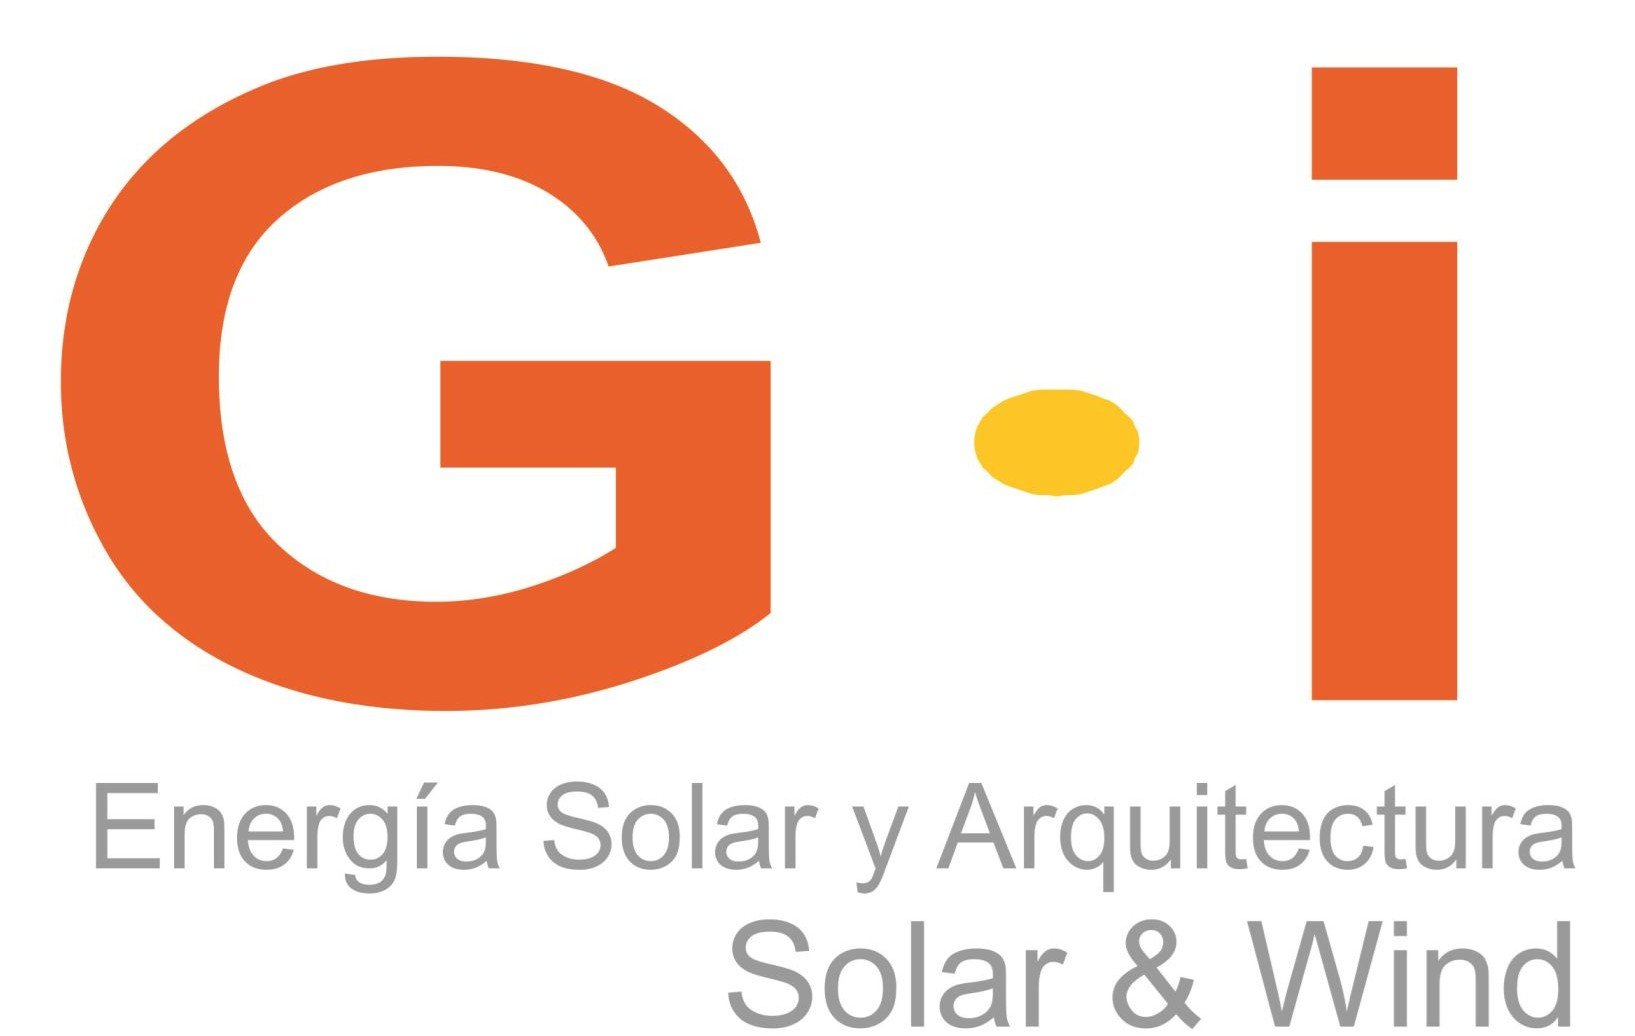 Energía Solar Cancún | Energía Eólica México | Grupo Insolar S.A. de C.V.